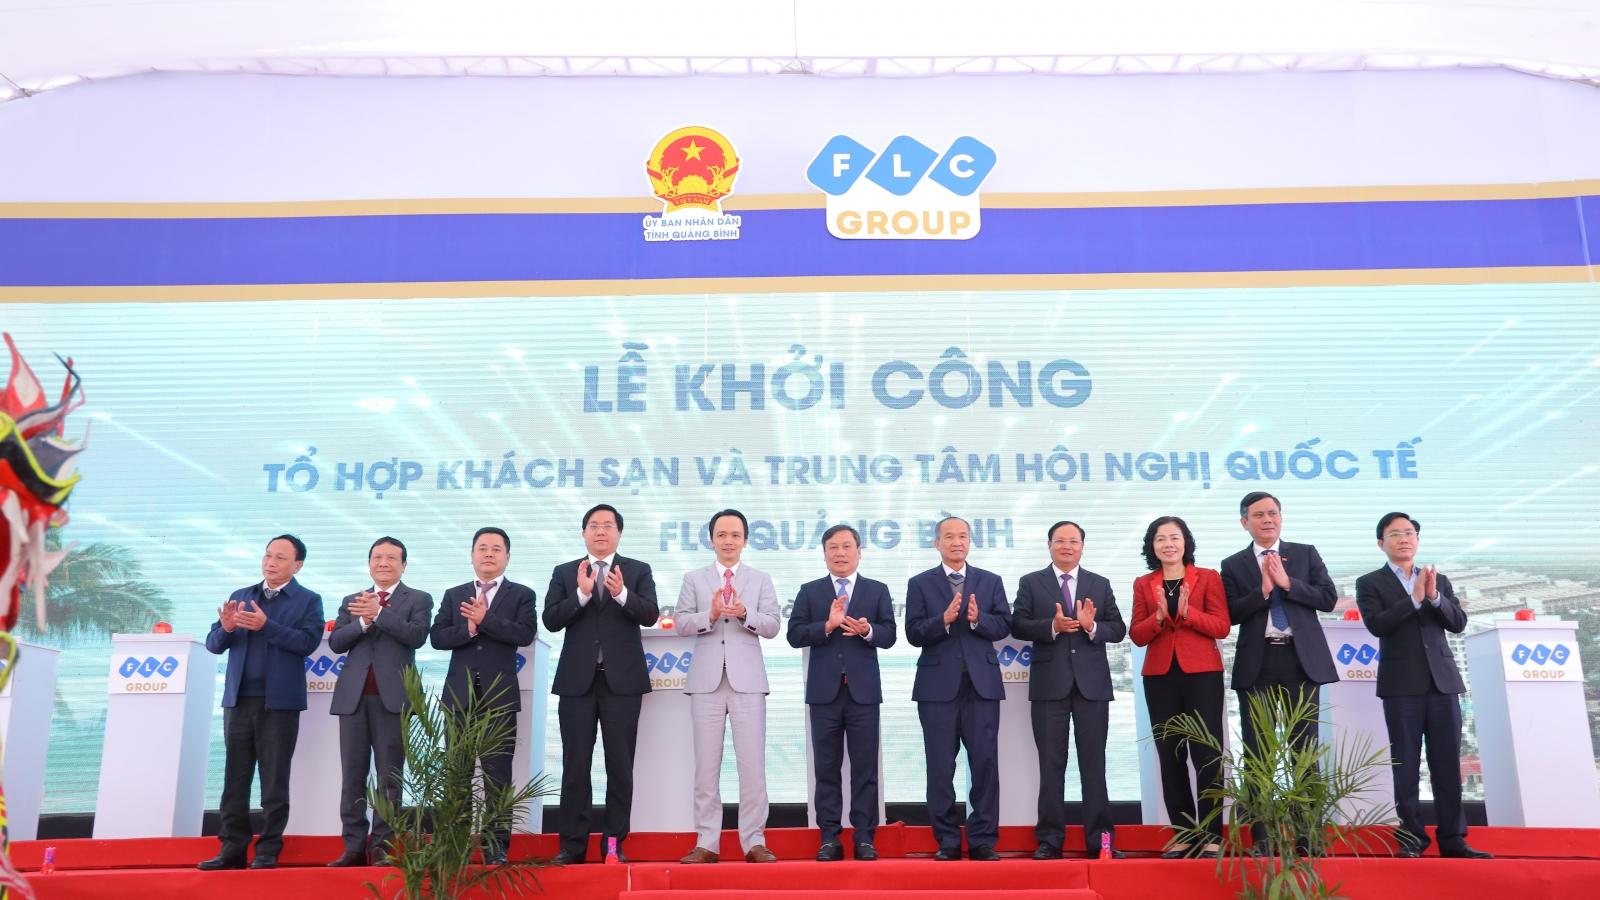 Khởi công Tổ hợp khách sạn và Trung tâm Hội nghị Quốc tế tại Quảng Bình